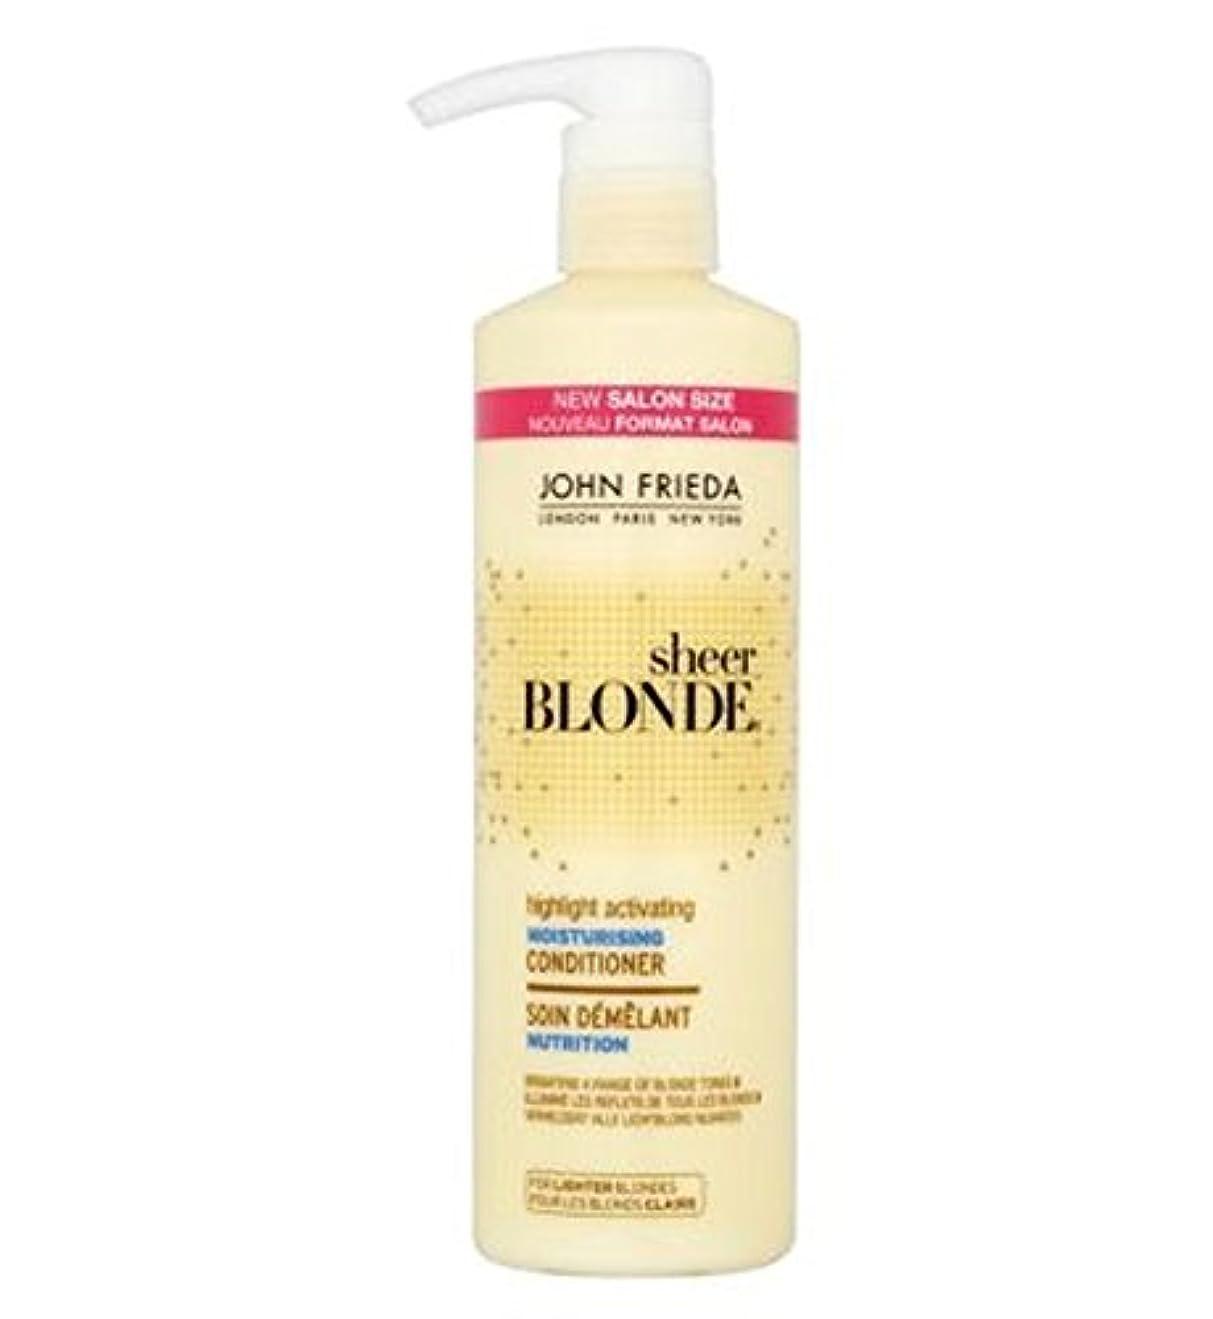 良性忘れられない感謝祭ジョン?フリーダ薄手のブロンドのハイライト活性化保湿コンディショナー500ミリリットル (John Frieda) (x2) - John Frieda Sheer Blonde Highlight Activating...